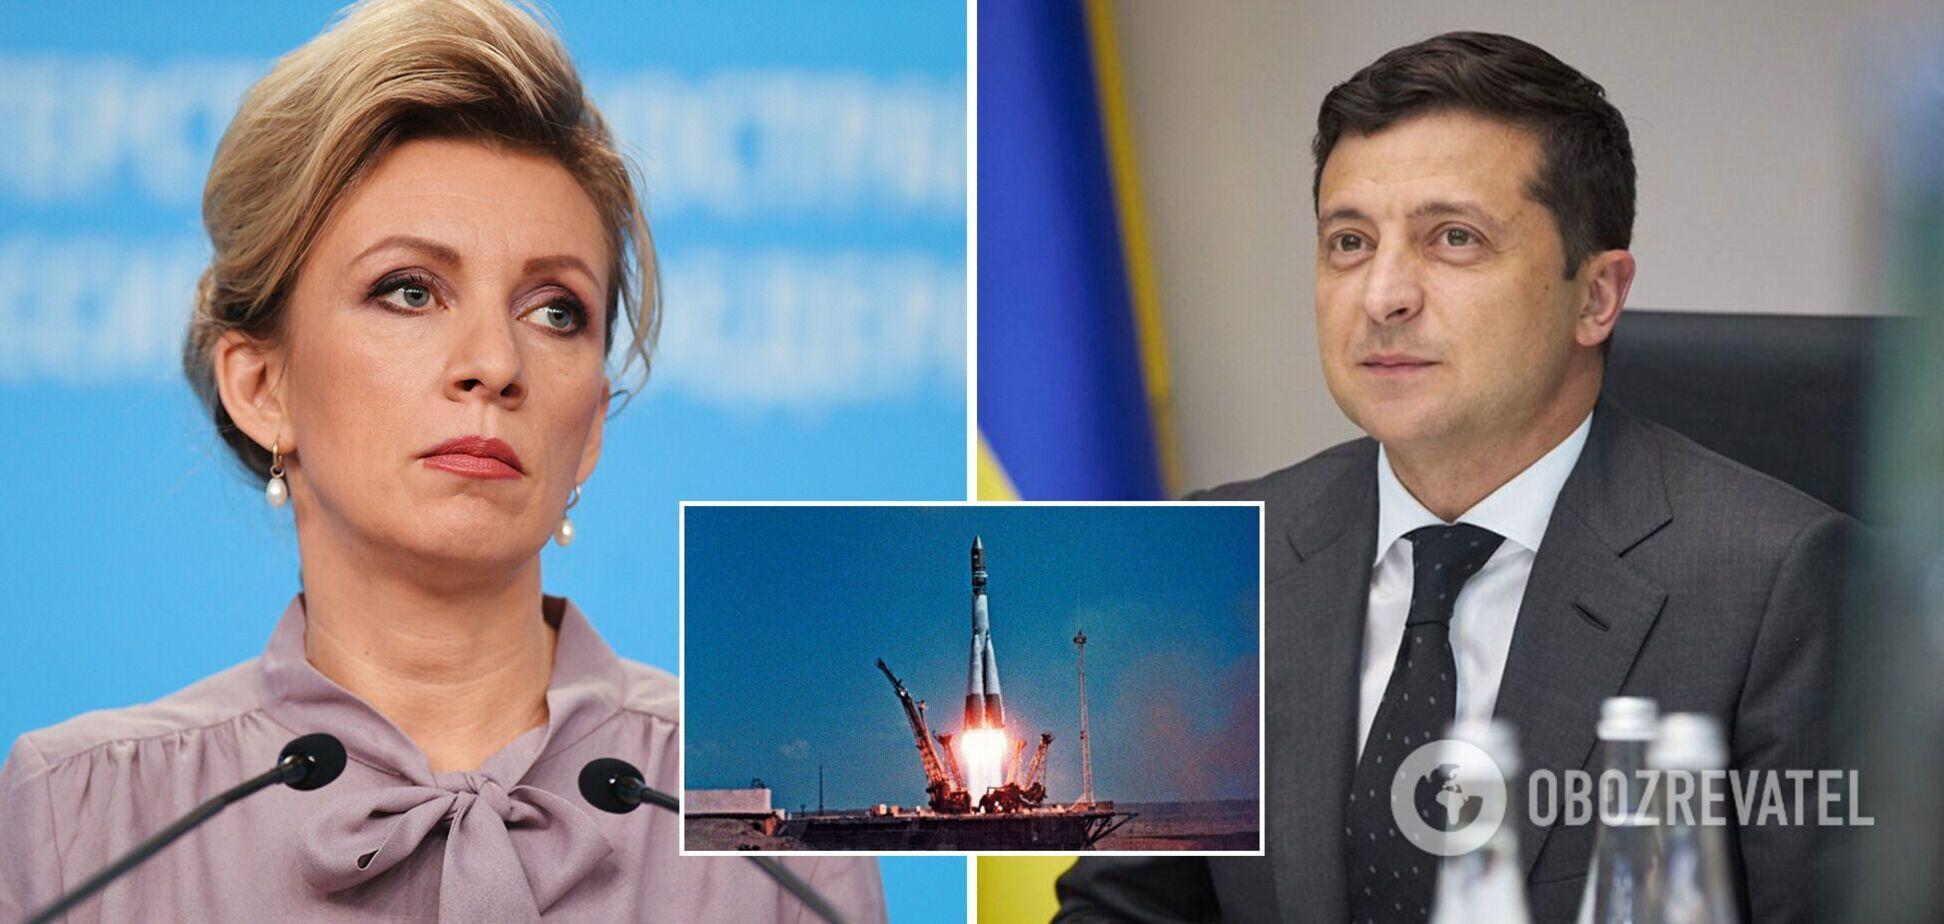 Захарова обвинила Украину в 'неуемной злобе', комментируя заявление Зеленского о первом полете в космос